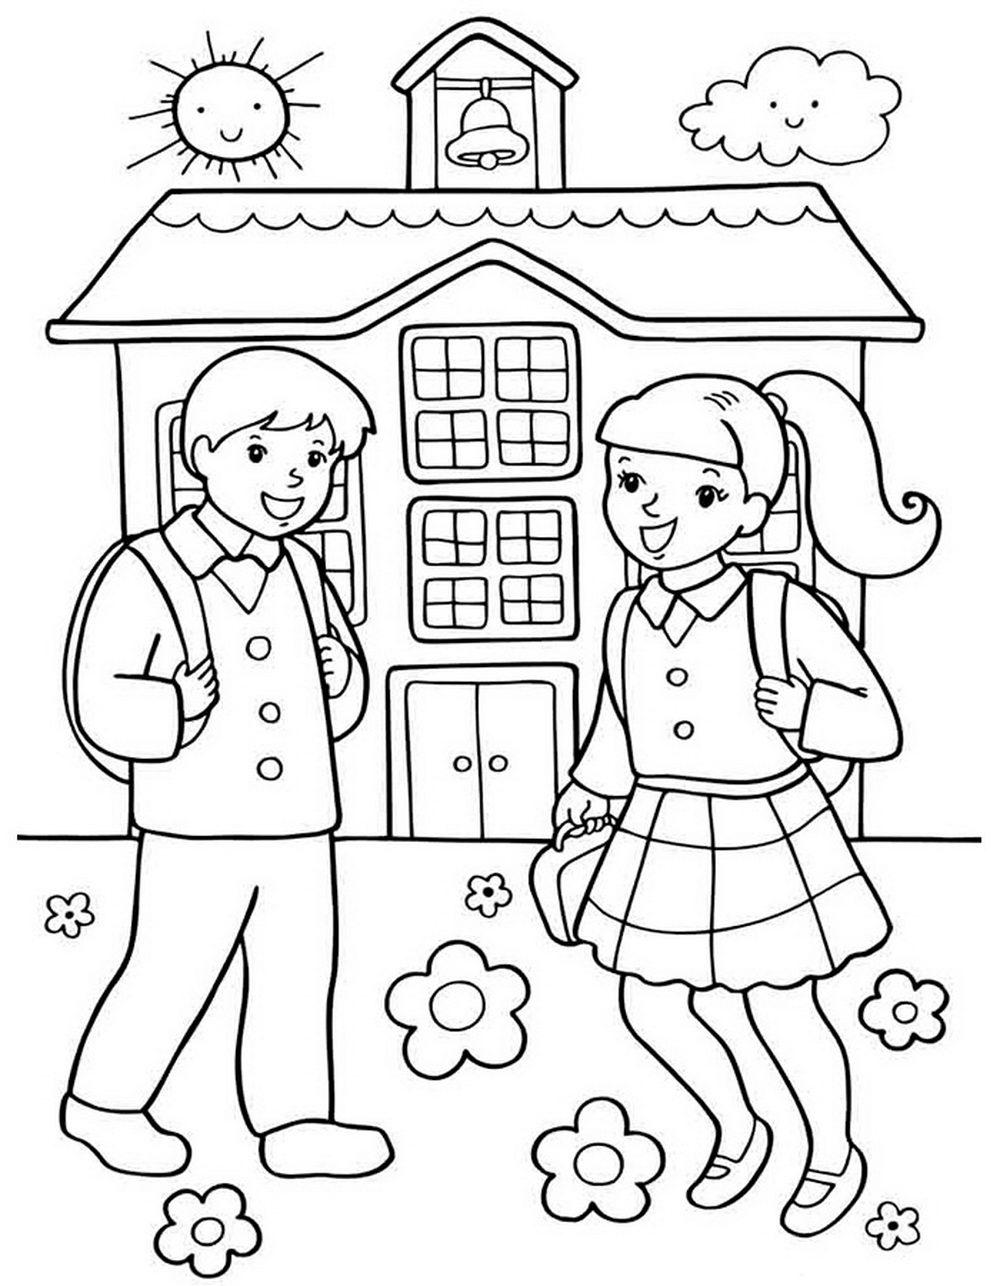 Раскраски для школьников - 9